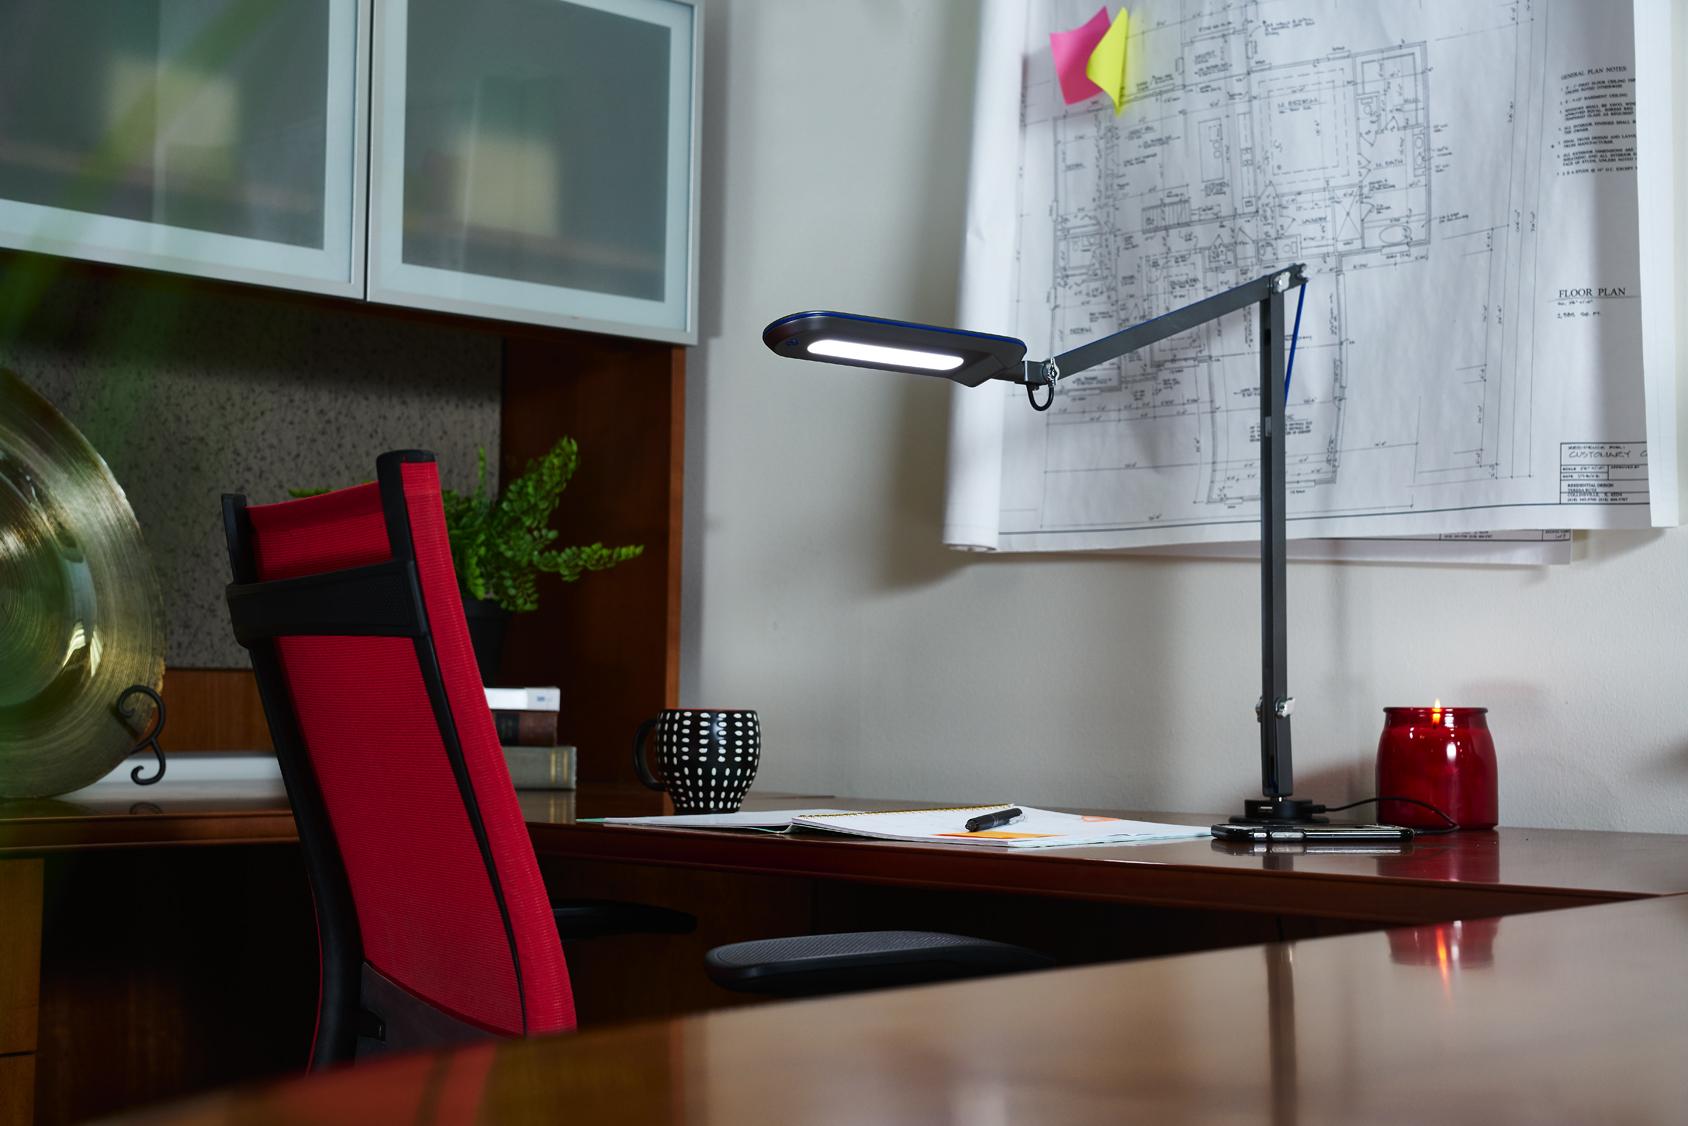 ottlite-reach-crane-lamp-grommet2